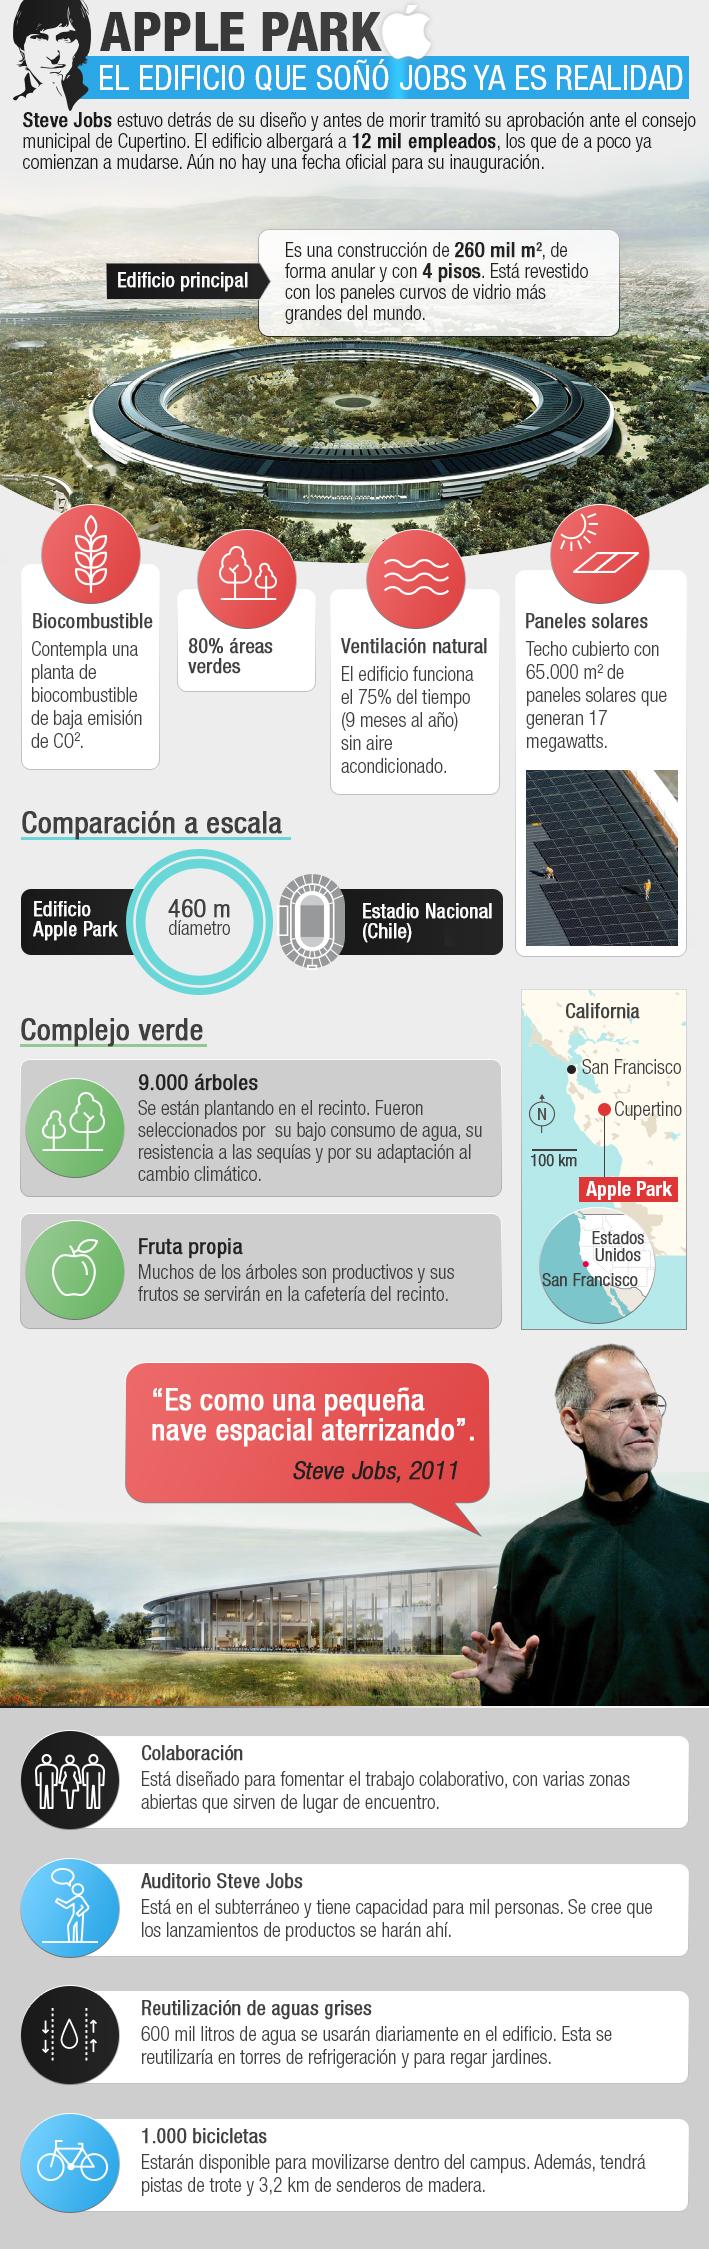 Apple Park: el último sueño de Steve Jobs